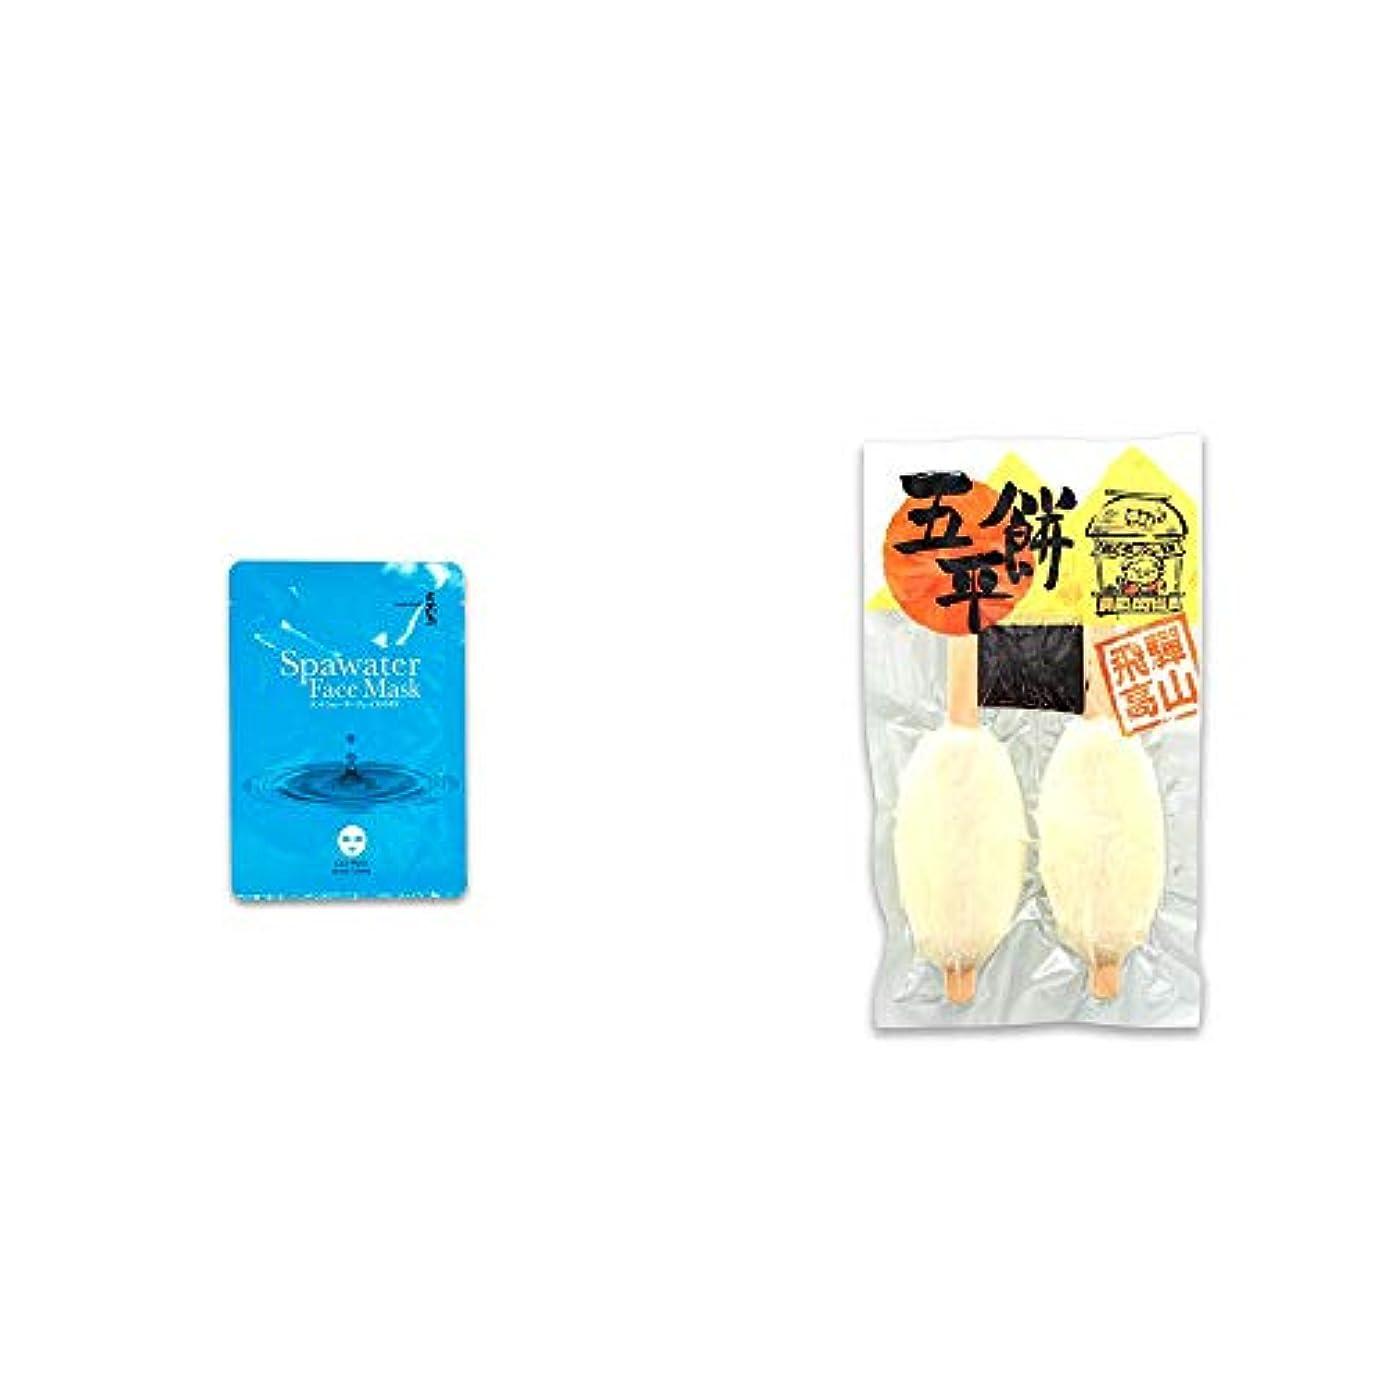 ライバルモール口径[2点セット] ひのき炭黒泉 スパウォーターフェイスマスク(18ml×3枚入)?飛騨高山 木や 五平餅(2本入)